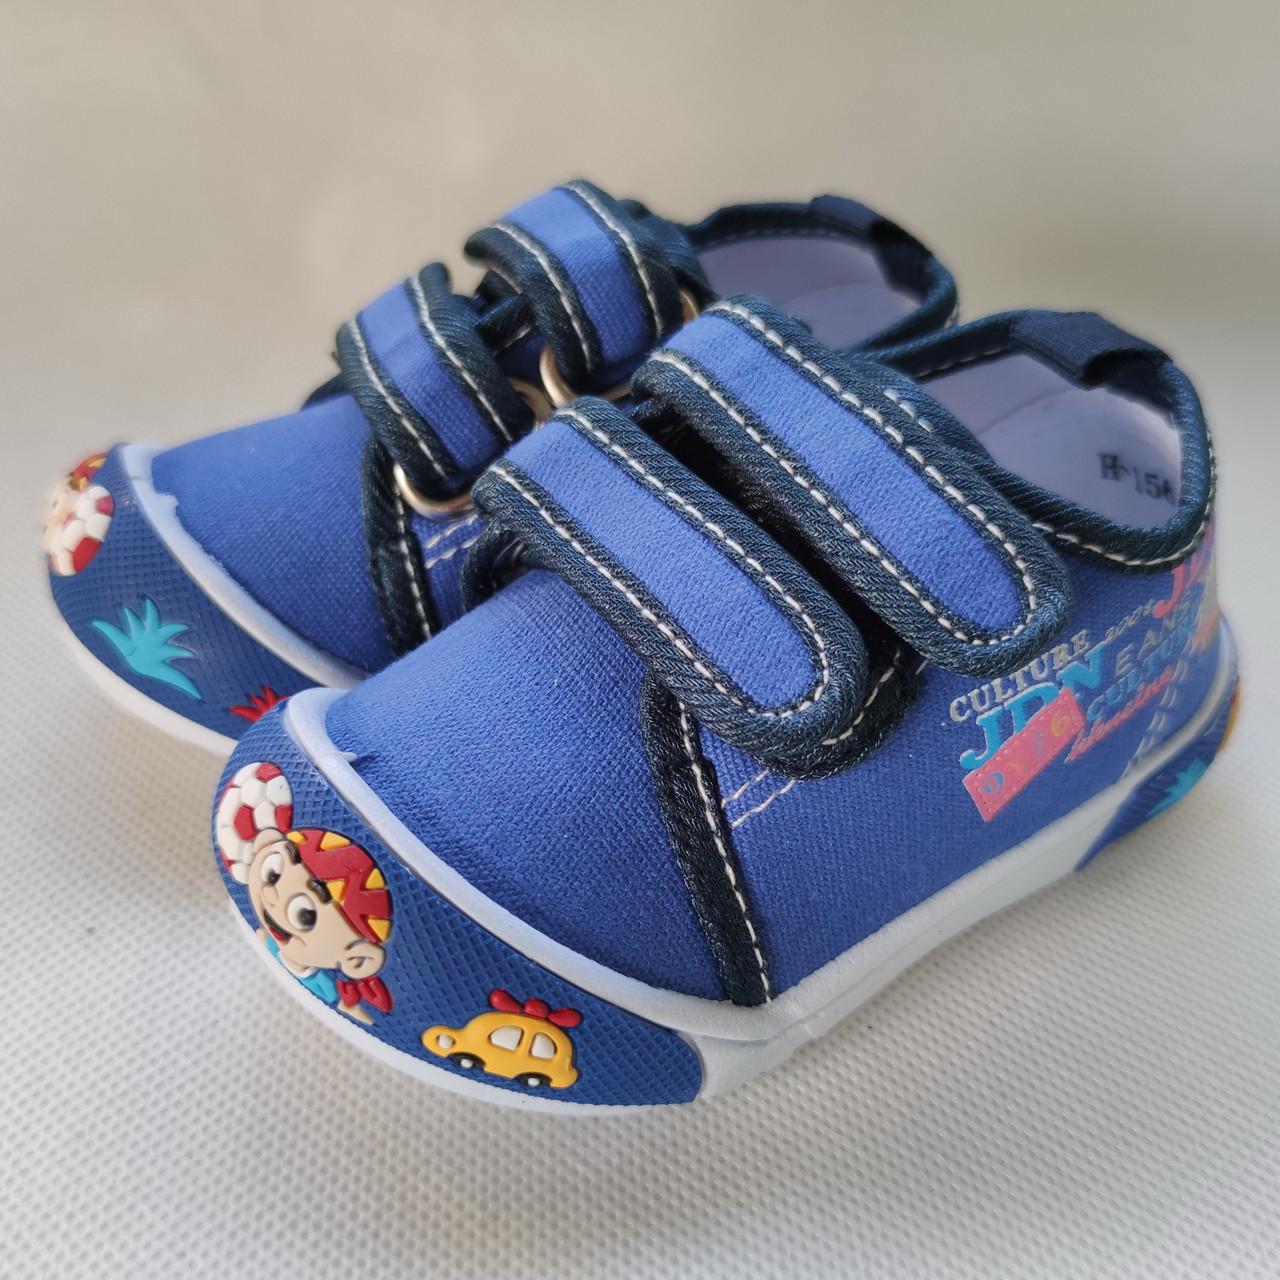 Детские кеды мокасины тапочки для мальчика голубые Super Gear 25р 15,5см